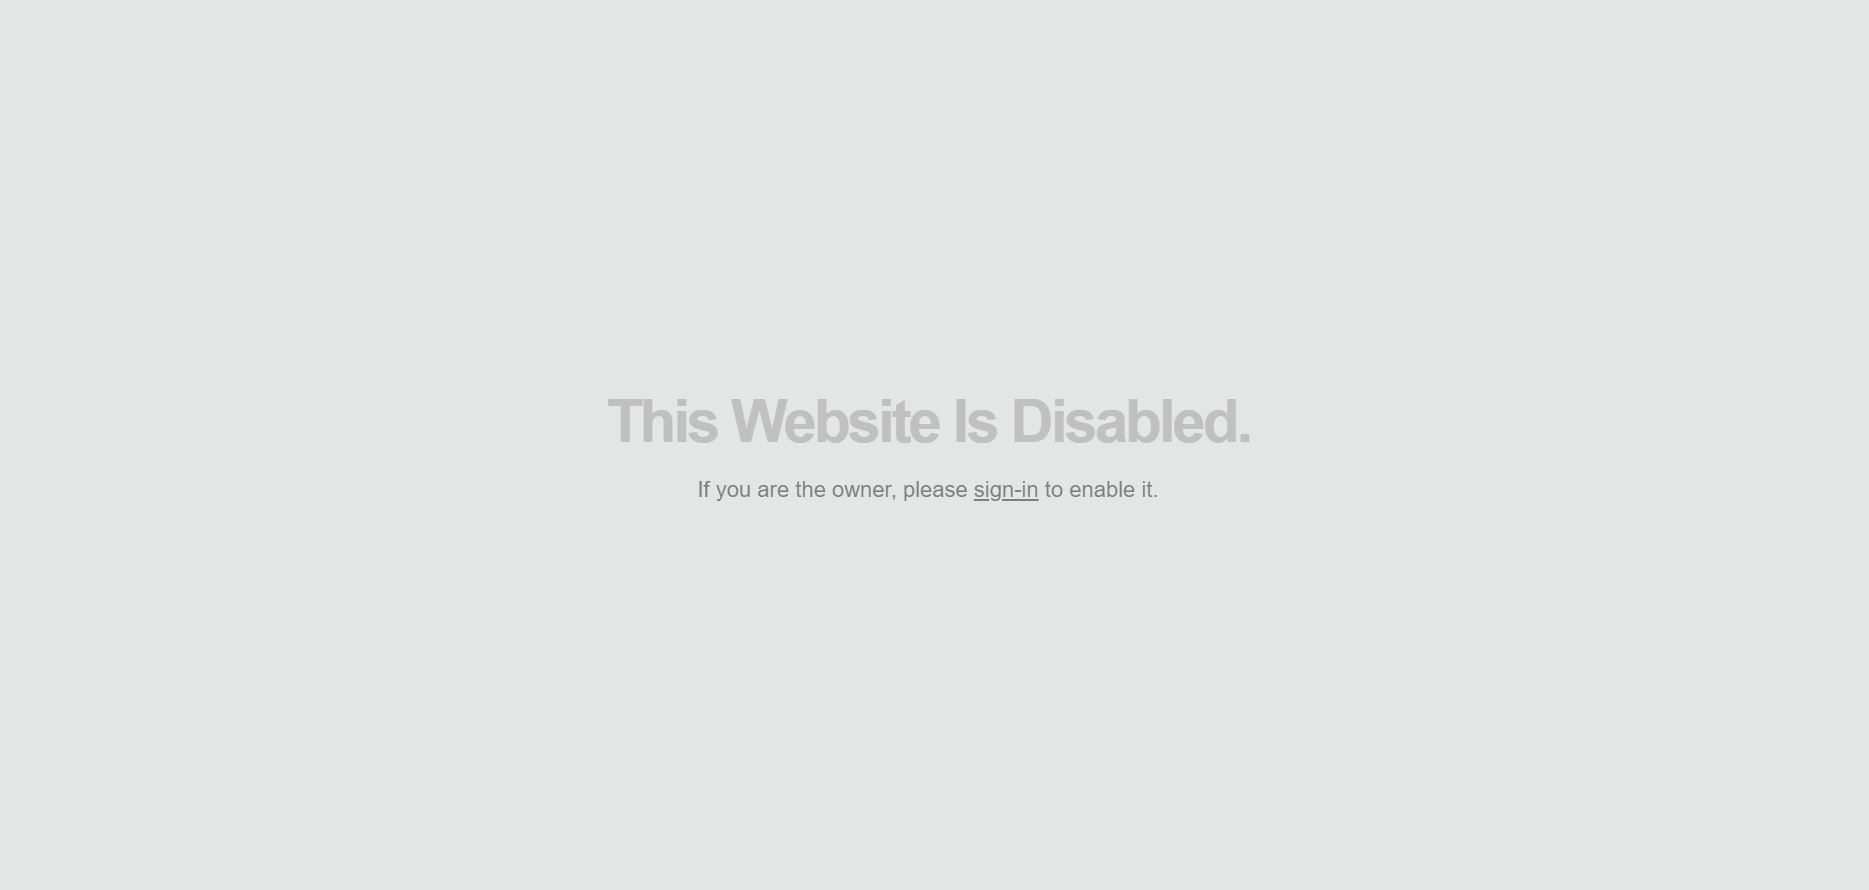 Lightcms Website Disabled